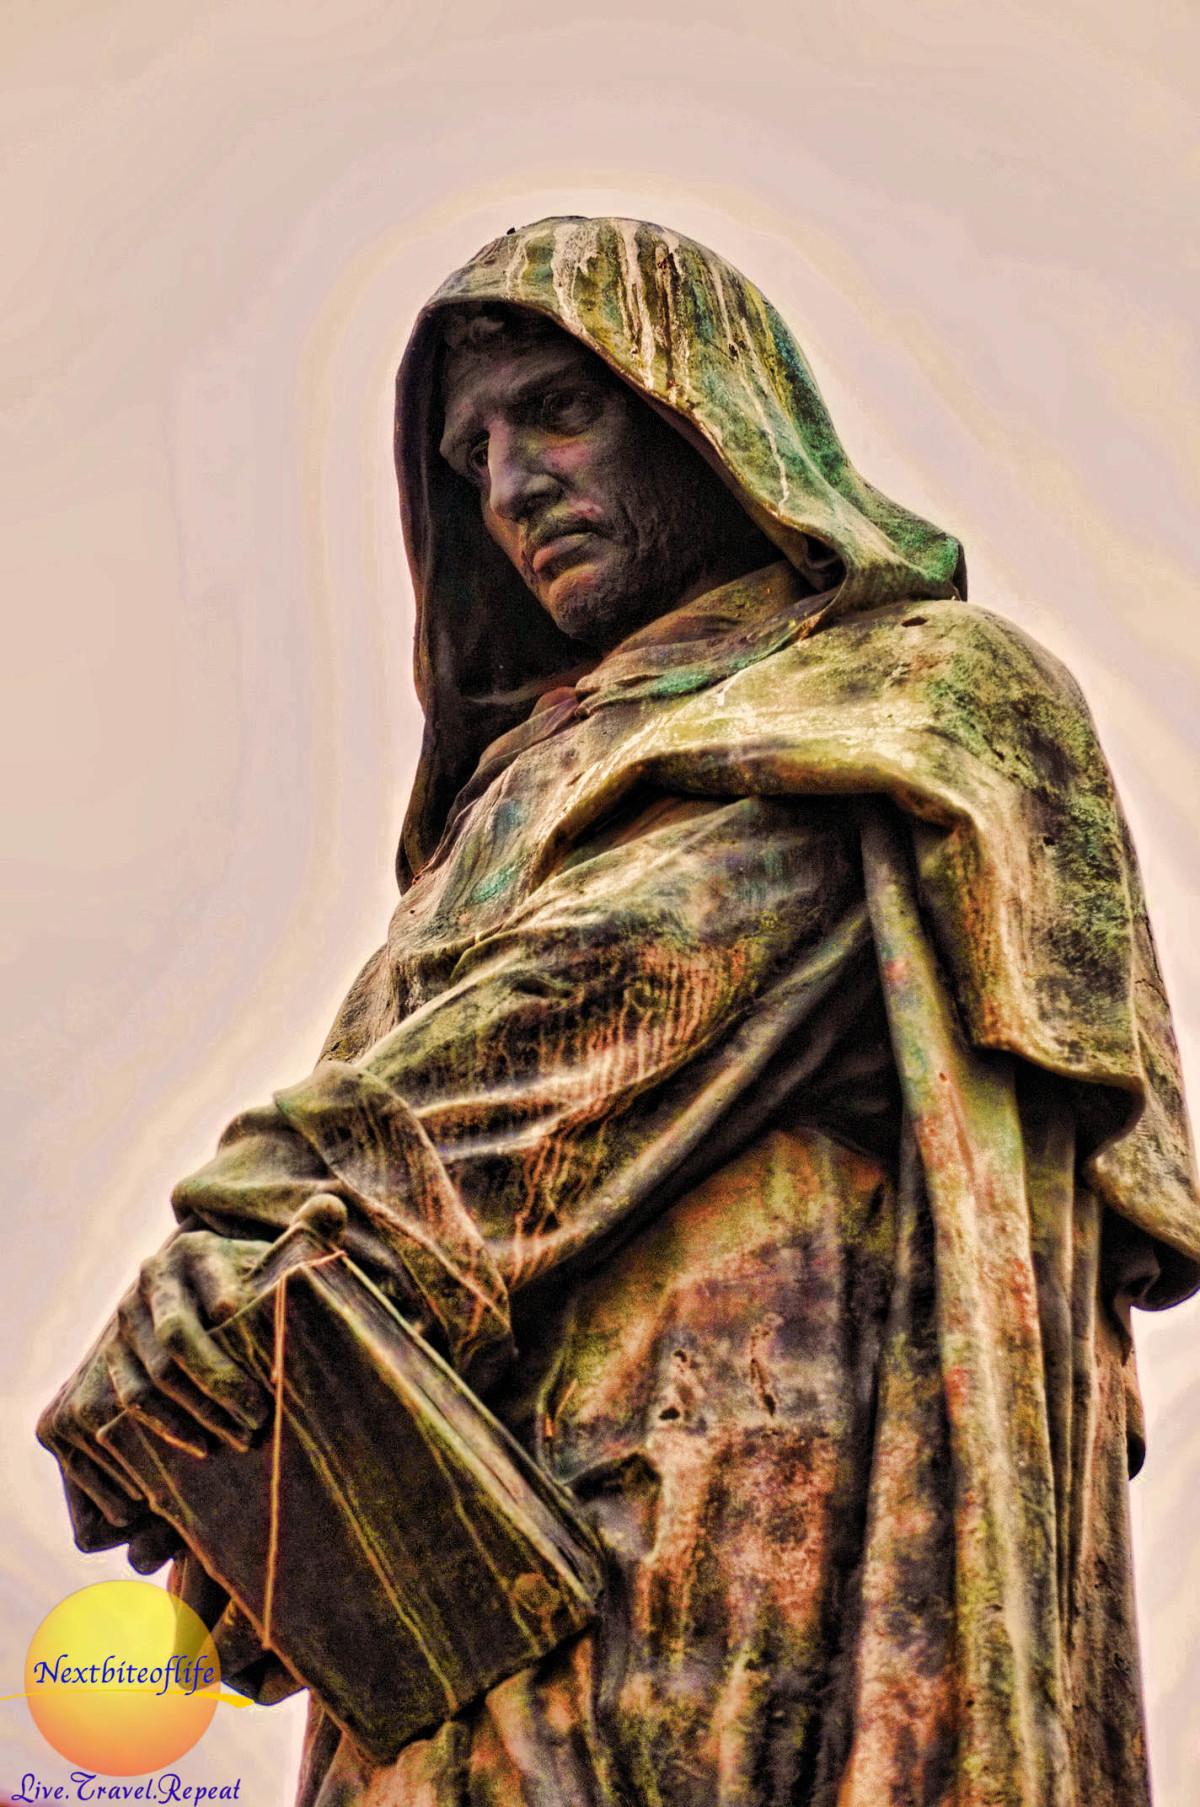 Giordano bruno statue in campo de fiori rome italy